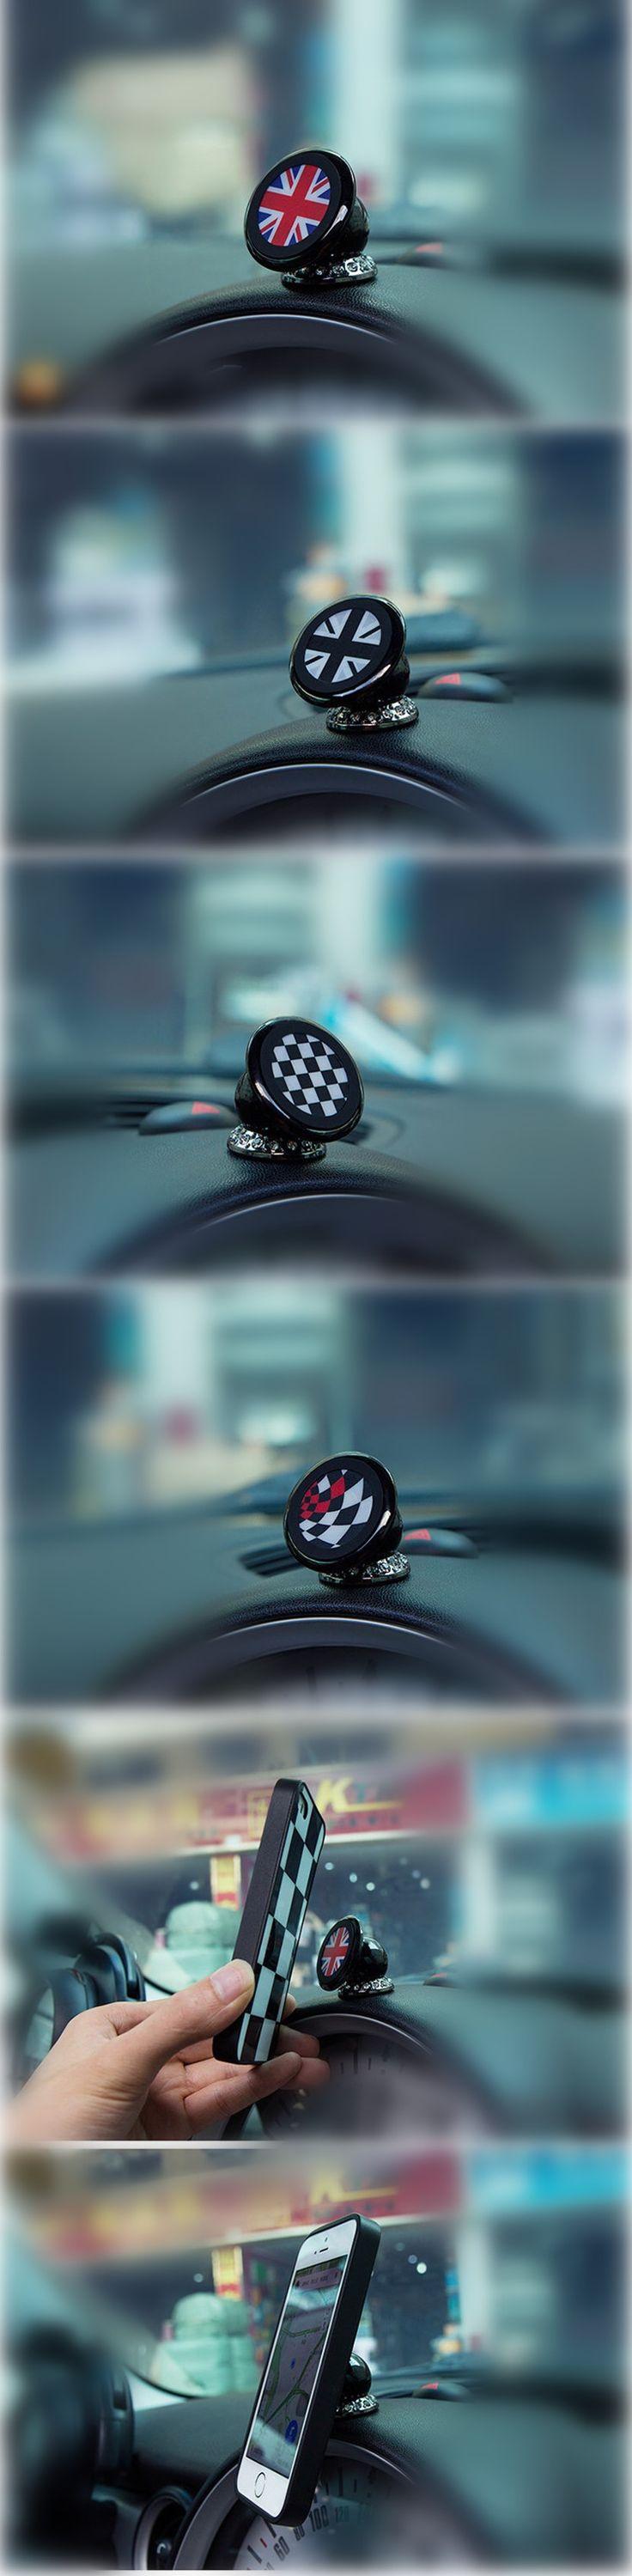 Mini cooper rubber floor mats uk - Magnetic Bling Cell Phone Holder For Mini Cooper